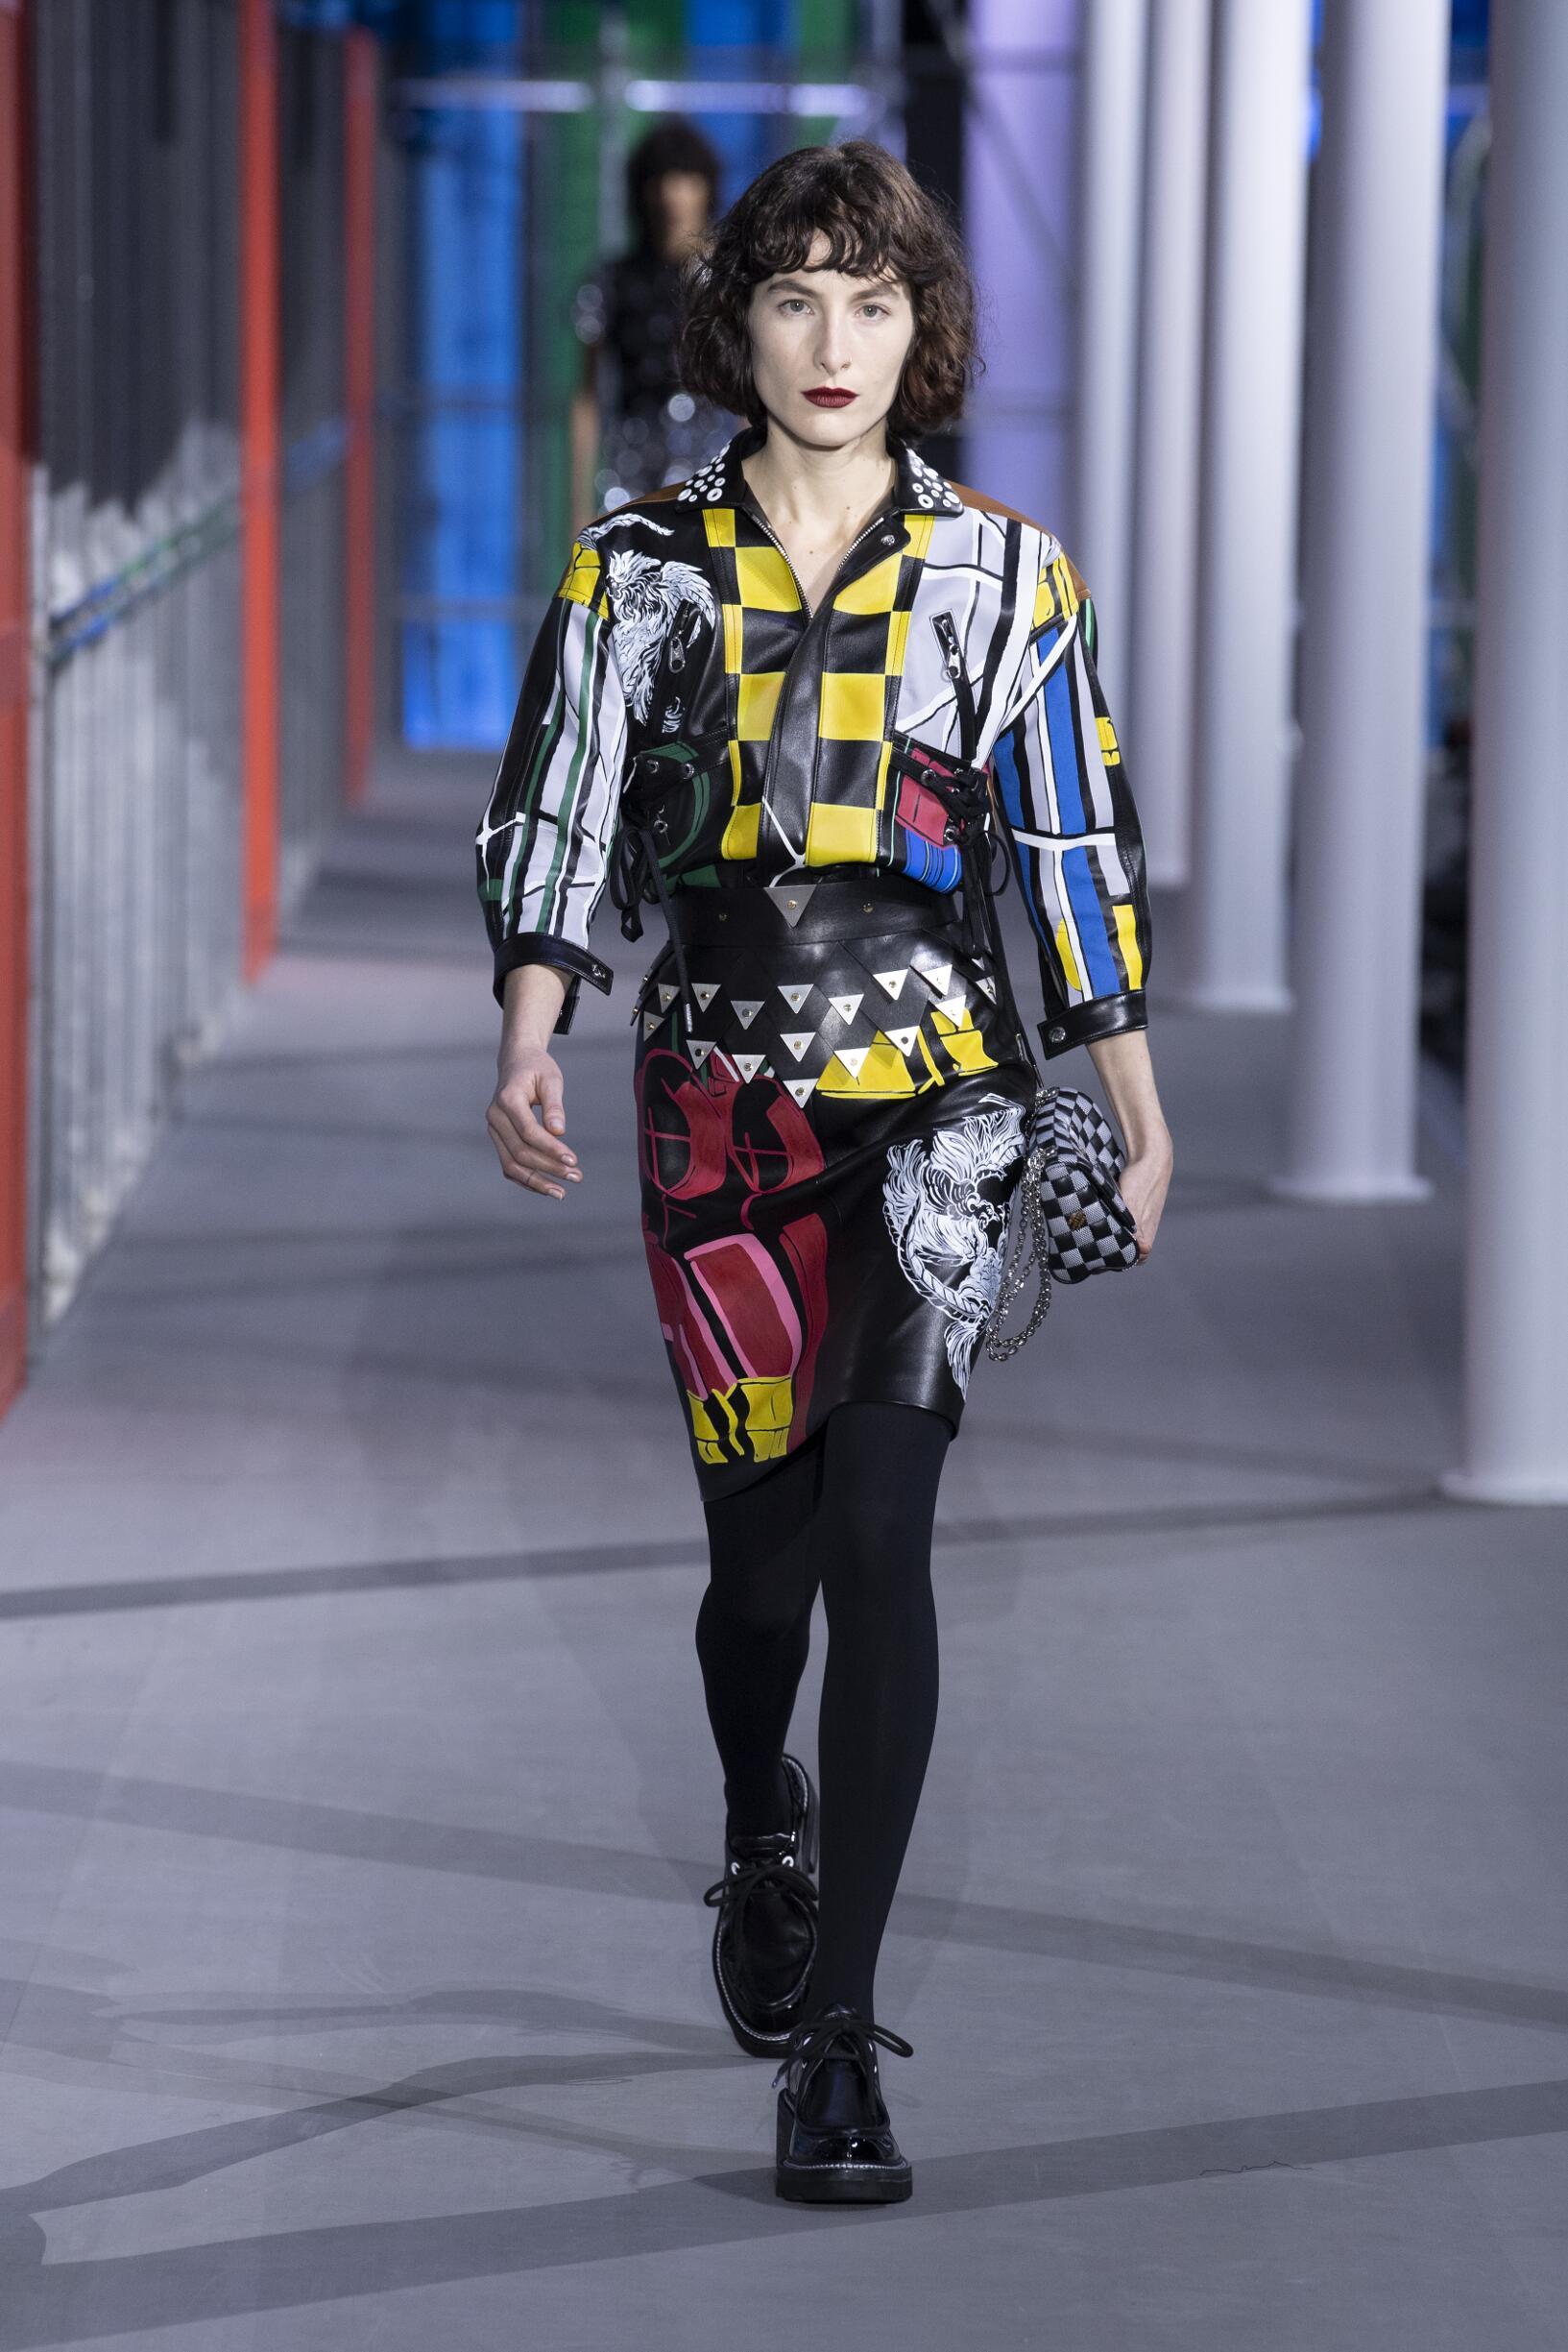 Louis Vuitton Paris Fashion Week Womenswear 2019-20